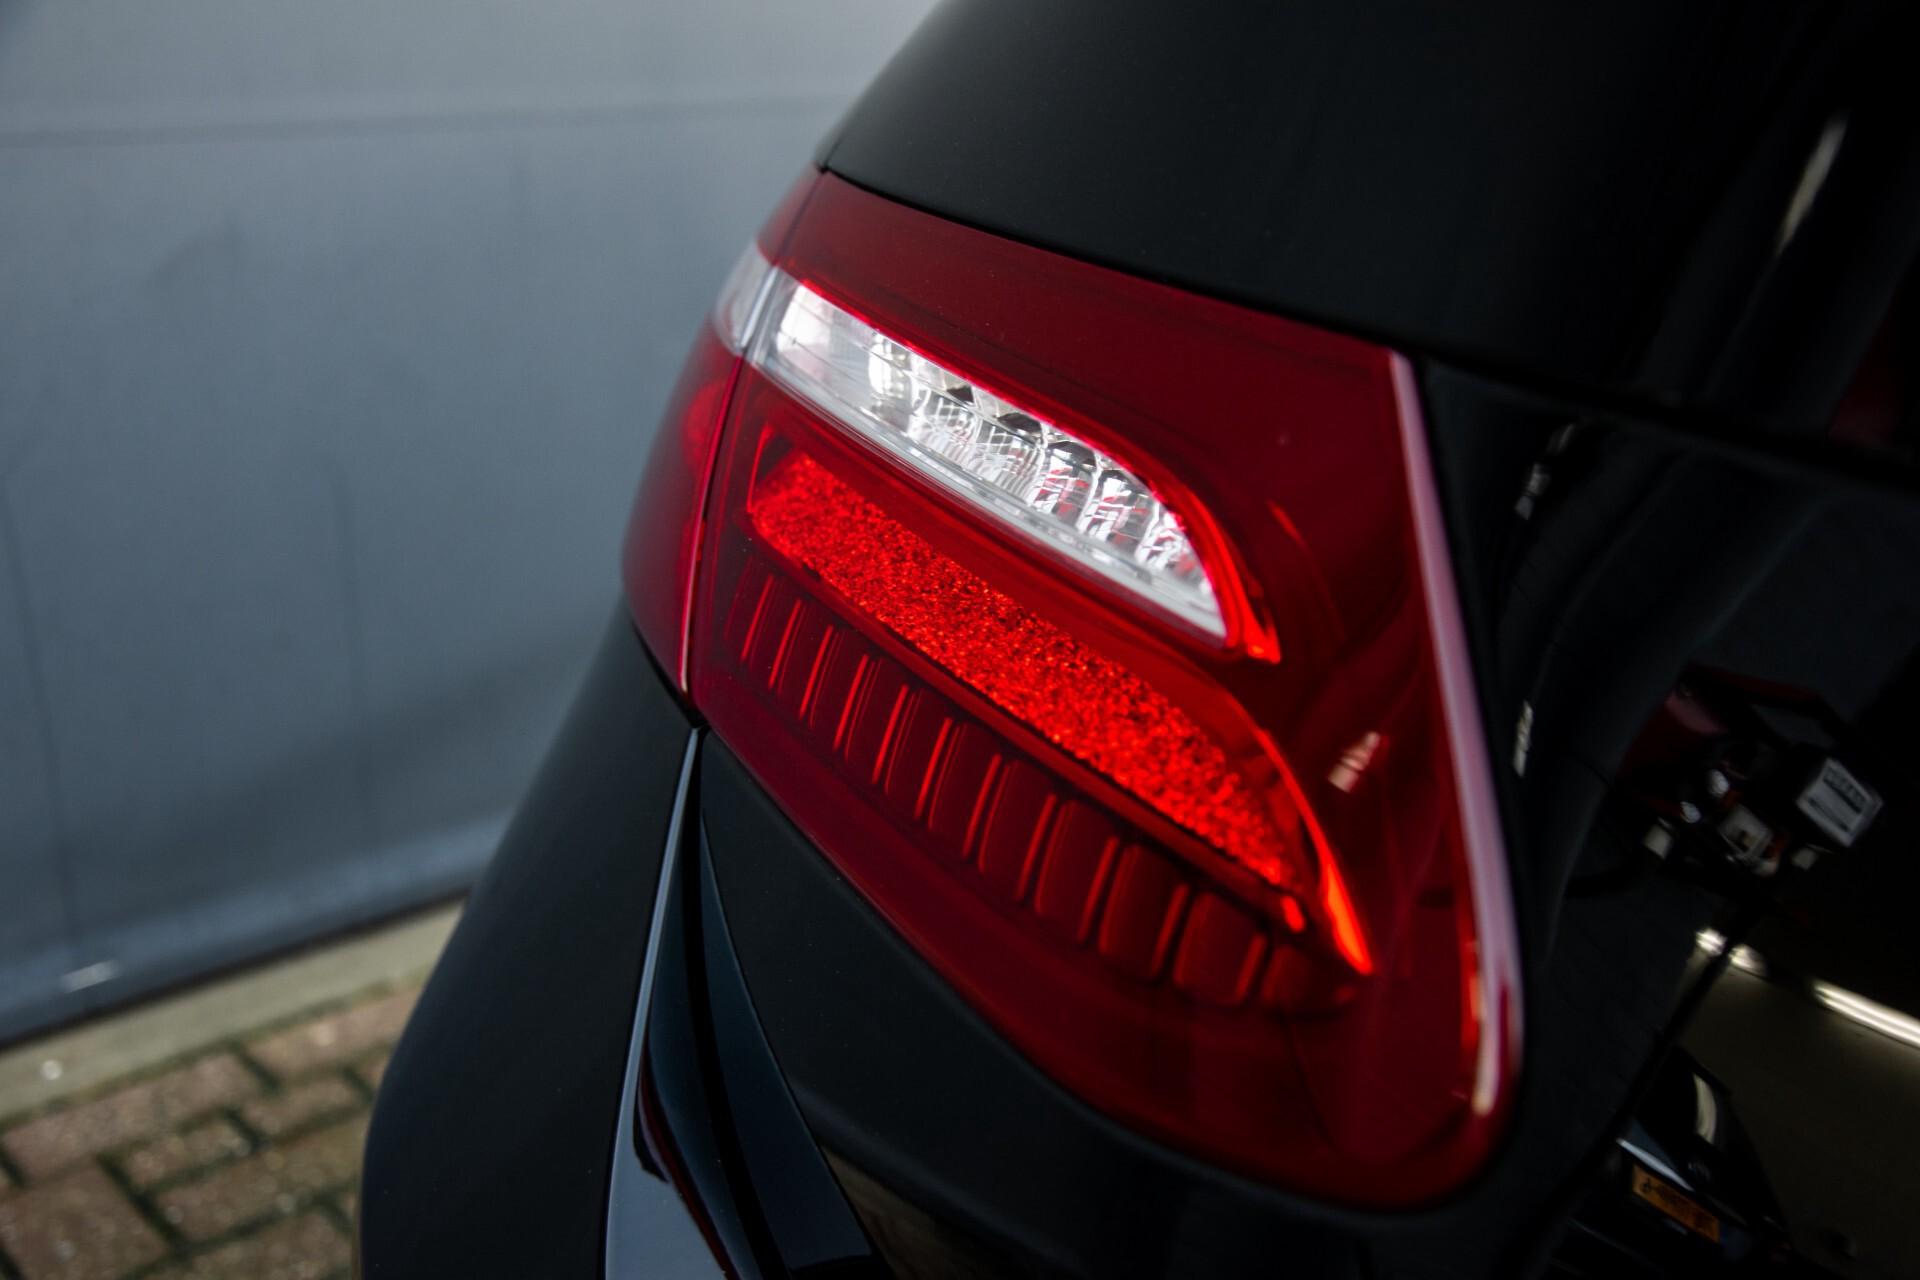 Mercedes-Benz E-Klasse Coupé 200 AMG Panorama/Night/Carbon/Premium/Widescreen/ILS Aut9 Foto 52